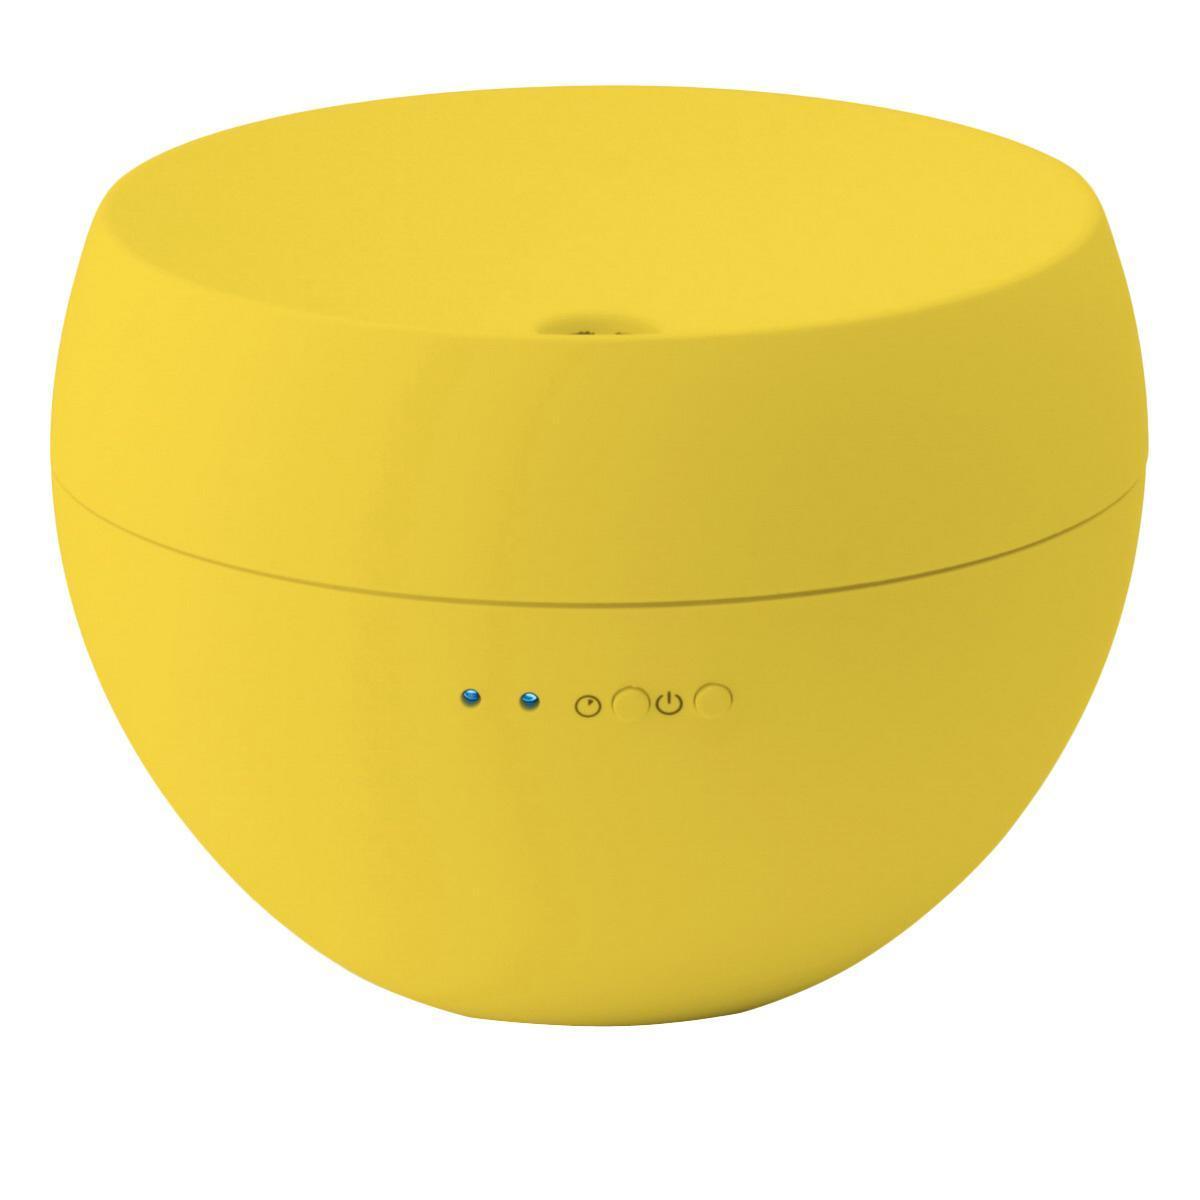 Stadler Form Jasmine J-003R, Honeycomb ароматизатор воздухаJ-003RПриятный запах – не только несомненный признак ухоженного и благополучного дома, но и безусловное правило хорошего тона. Маленький ультразвуковой настольный ароматизатор воздуха Jasmine без усилий позволяет поддерживать приятный аромат. Мембрана ультразвукового генератора преобразует воду в сверхтонкий туман и подает ее в автоматическом режиме с перерывом в 20 минут после 10 минут работы. Вам остается только выбрать любимый аромат и капнуть несколько капель эфирного масла в воду. Уютный маленький шарик будет насыщать воздух ароматом в течение всего дня без необходимости доливать воду в резервуар. Сменить аромат очень просто – достаточно просто вылить воду и протереть резервуар салфеткой. Вы больше не ограничены выбором ароматов, предлагаемых стандартными аэрозолями-освежителями воздуха. Ароматерапия – эффективный способ снять усталость, стресс после тяжелого дня и создать расслабляющую комфортную атмосферу в Вашем доме. Помимо этого, отмеченный премией дизайн, а...